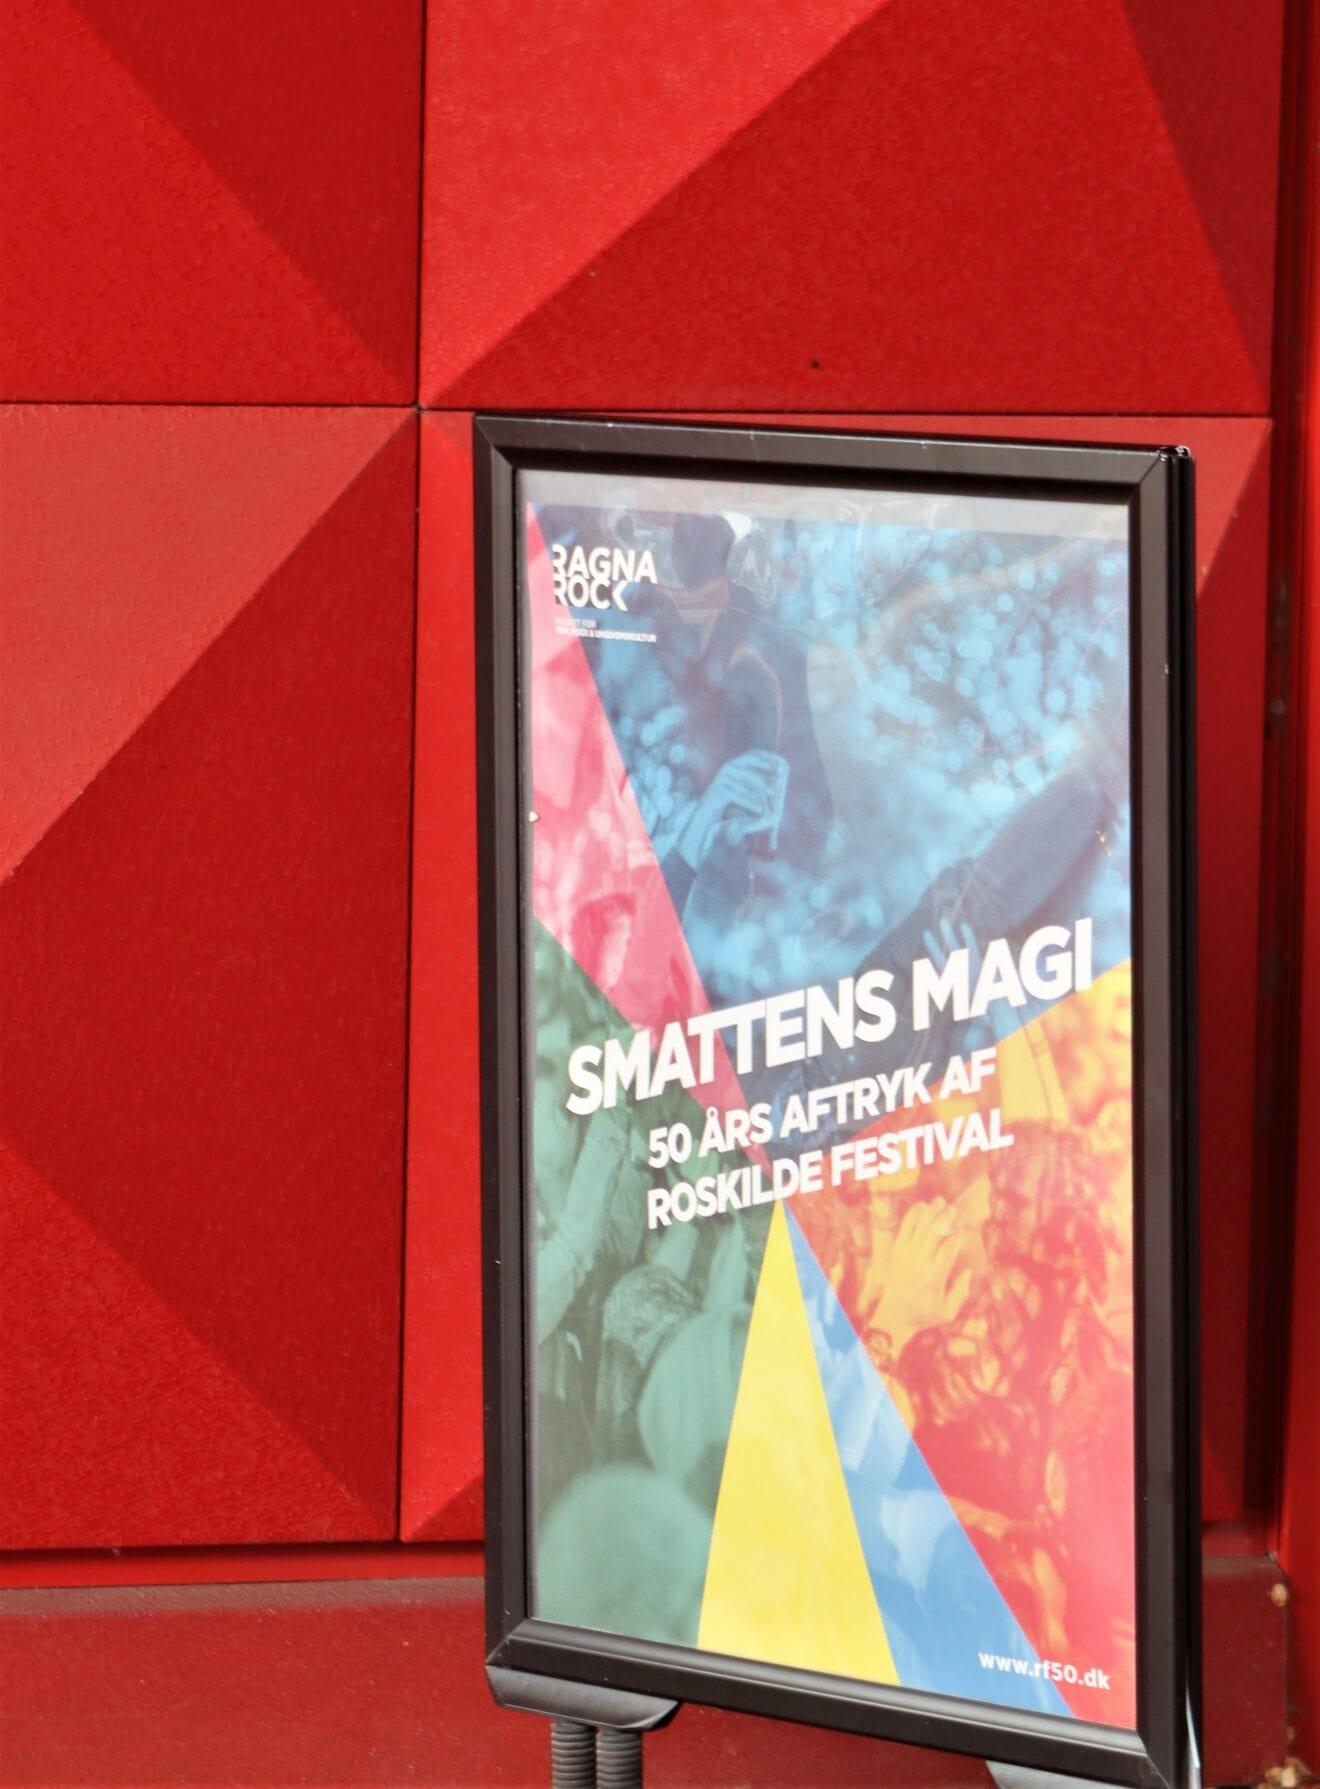 Smattens magi - historien om Roskilde Festival